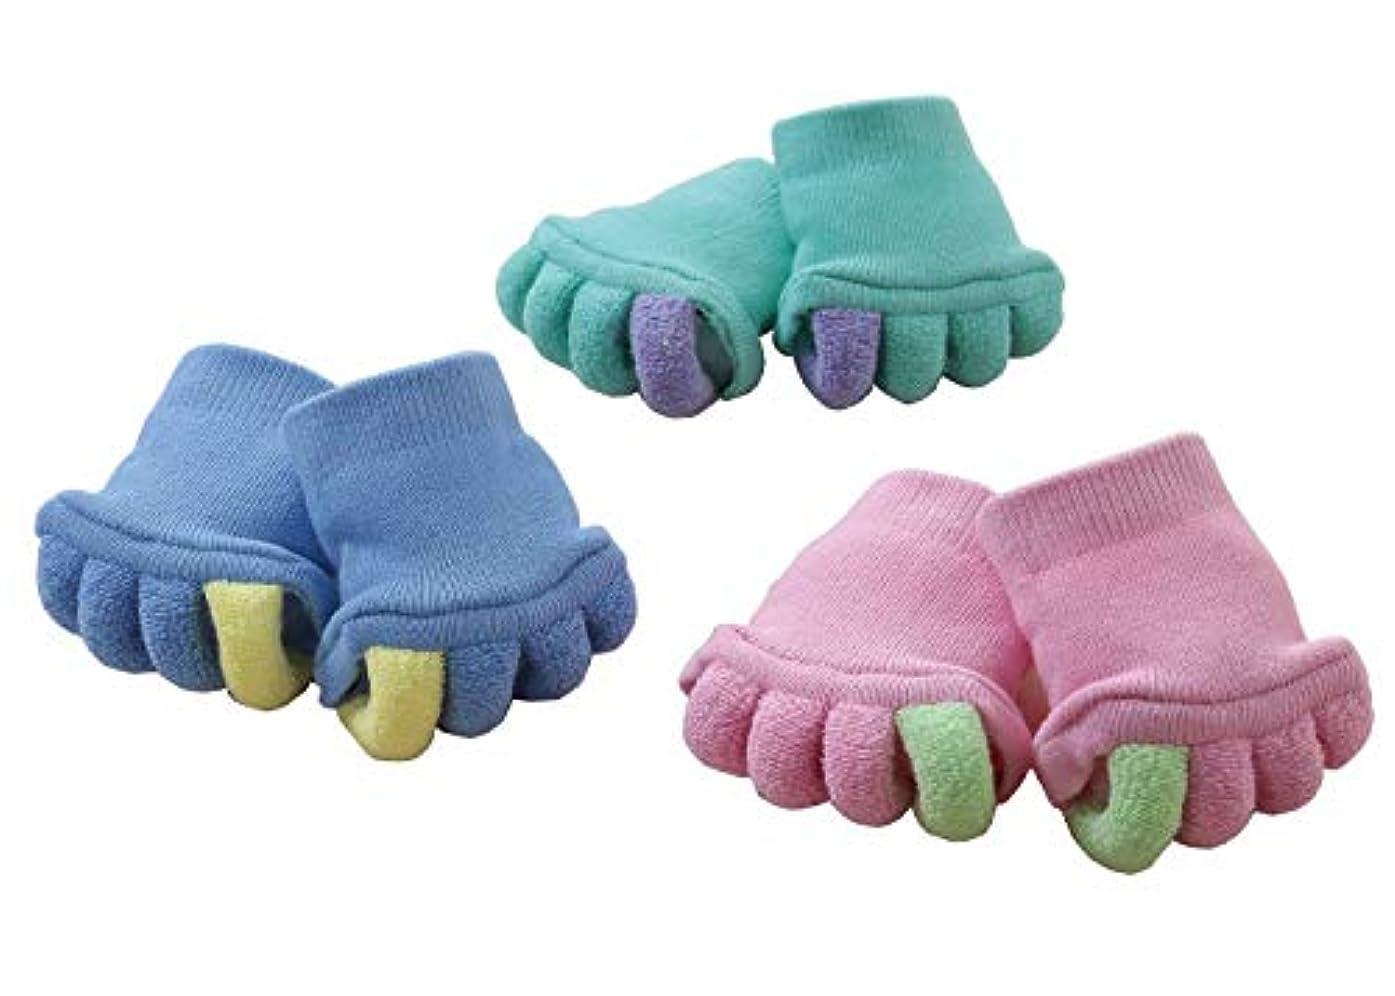 平手打ちジョセフバンクスすき足指をストレッチ ふわふわ足指カバー 3色組